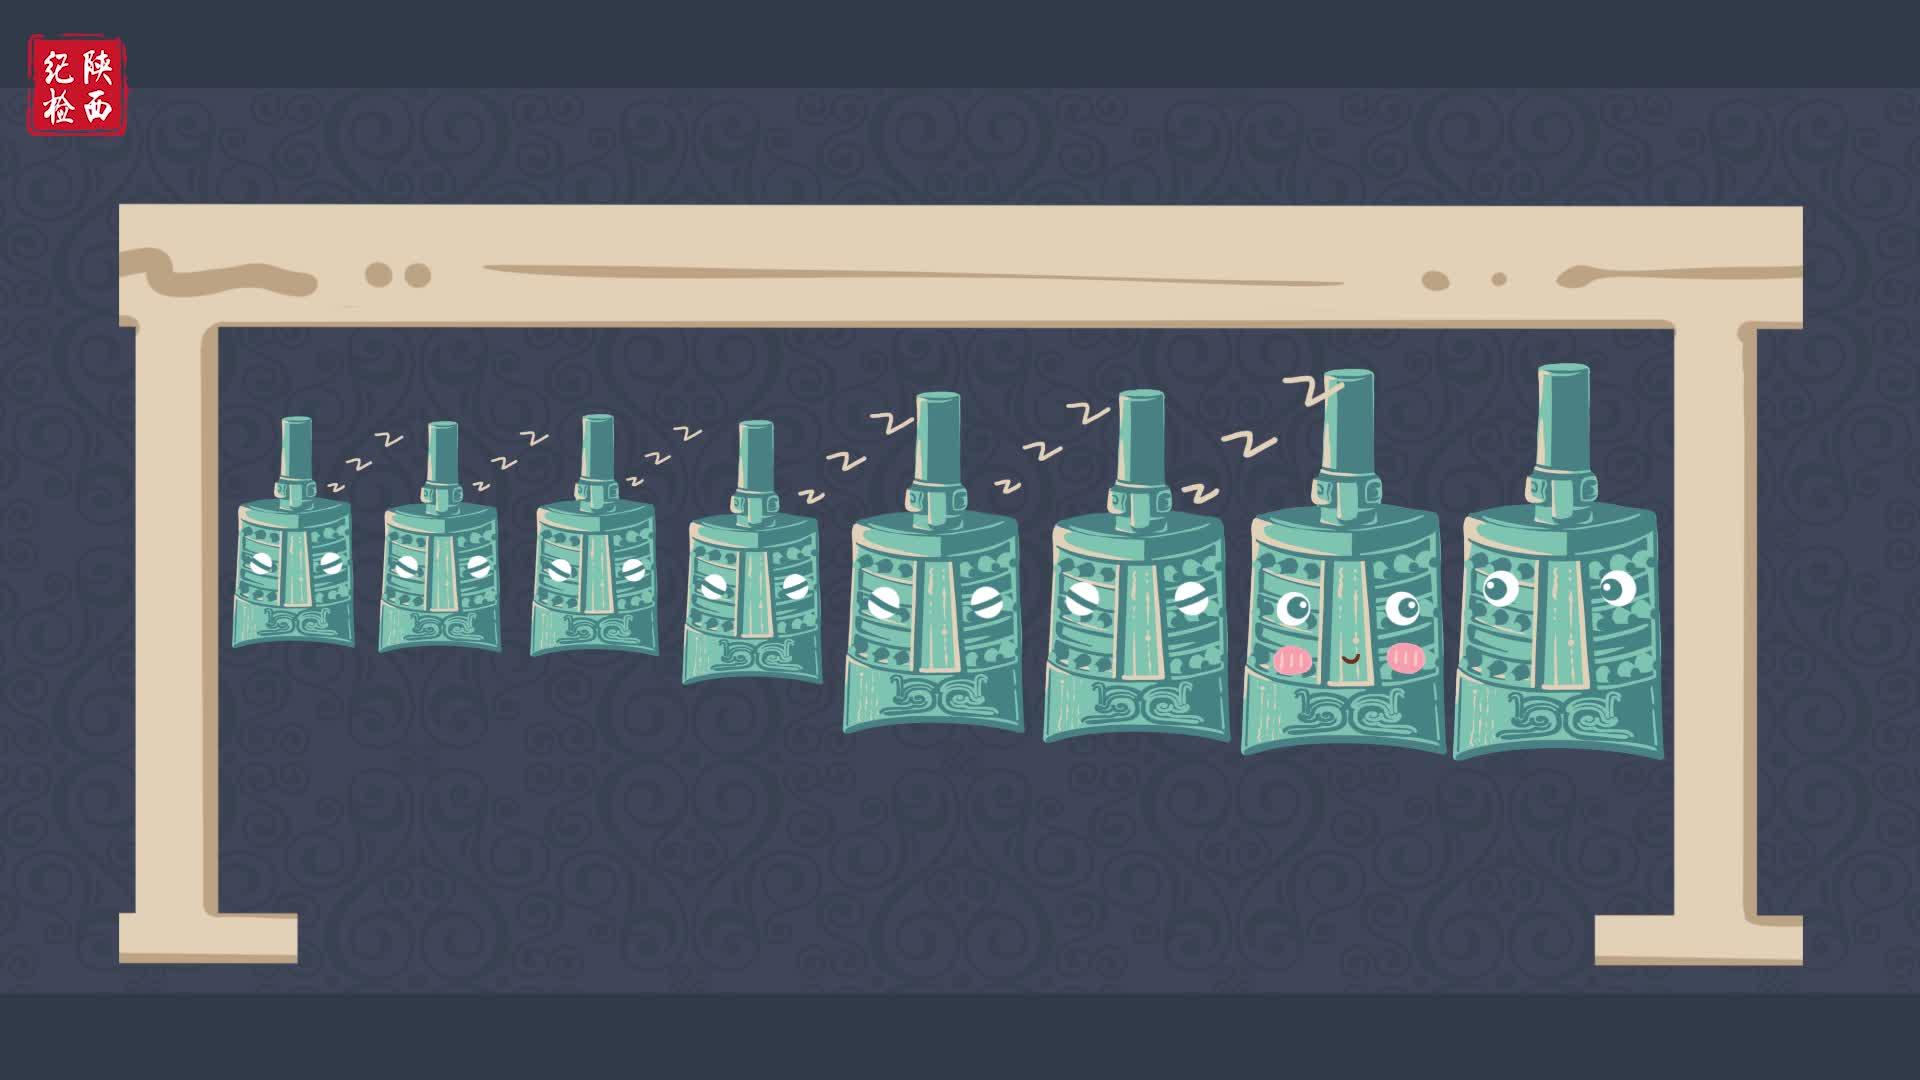 陕西廉政文物—青铜柞钟篇